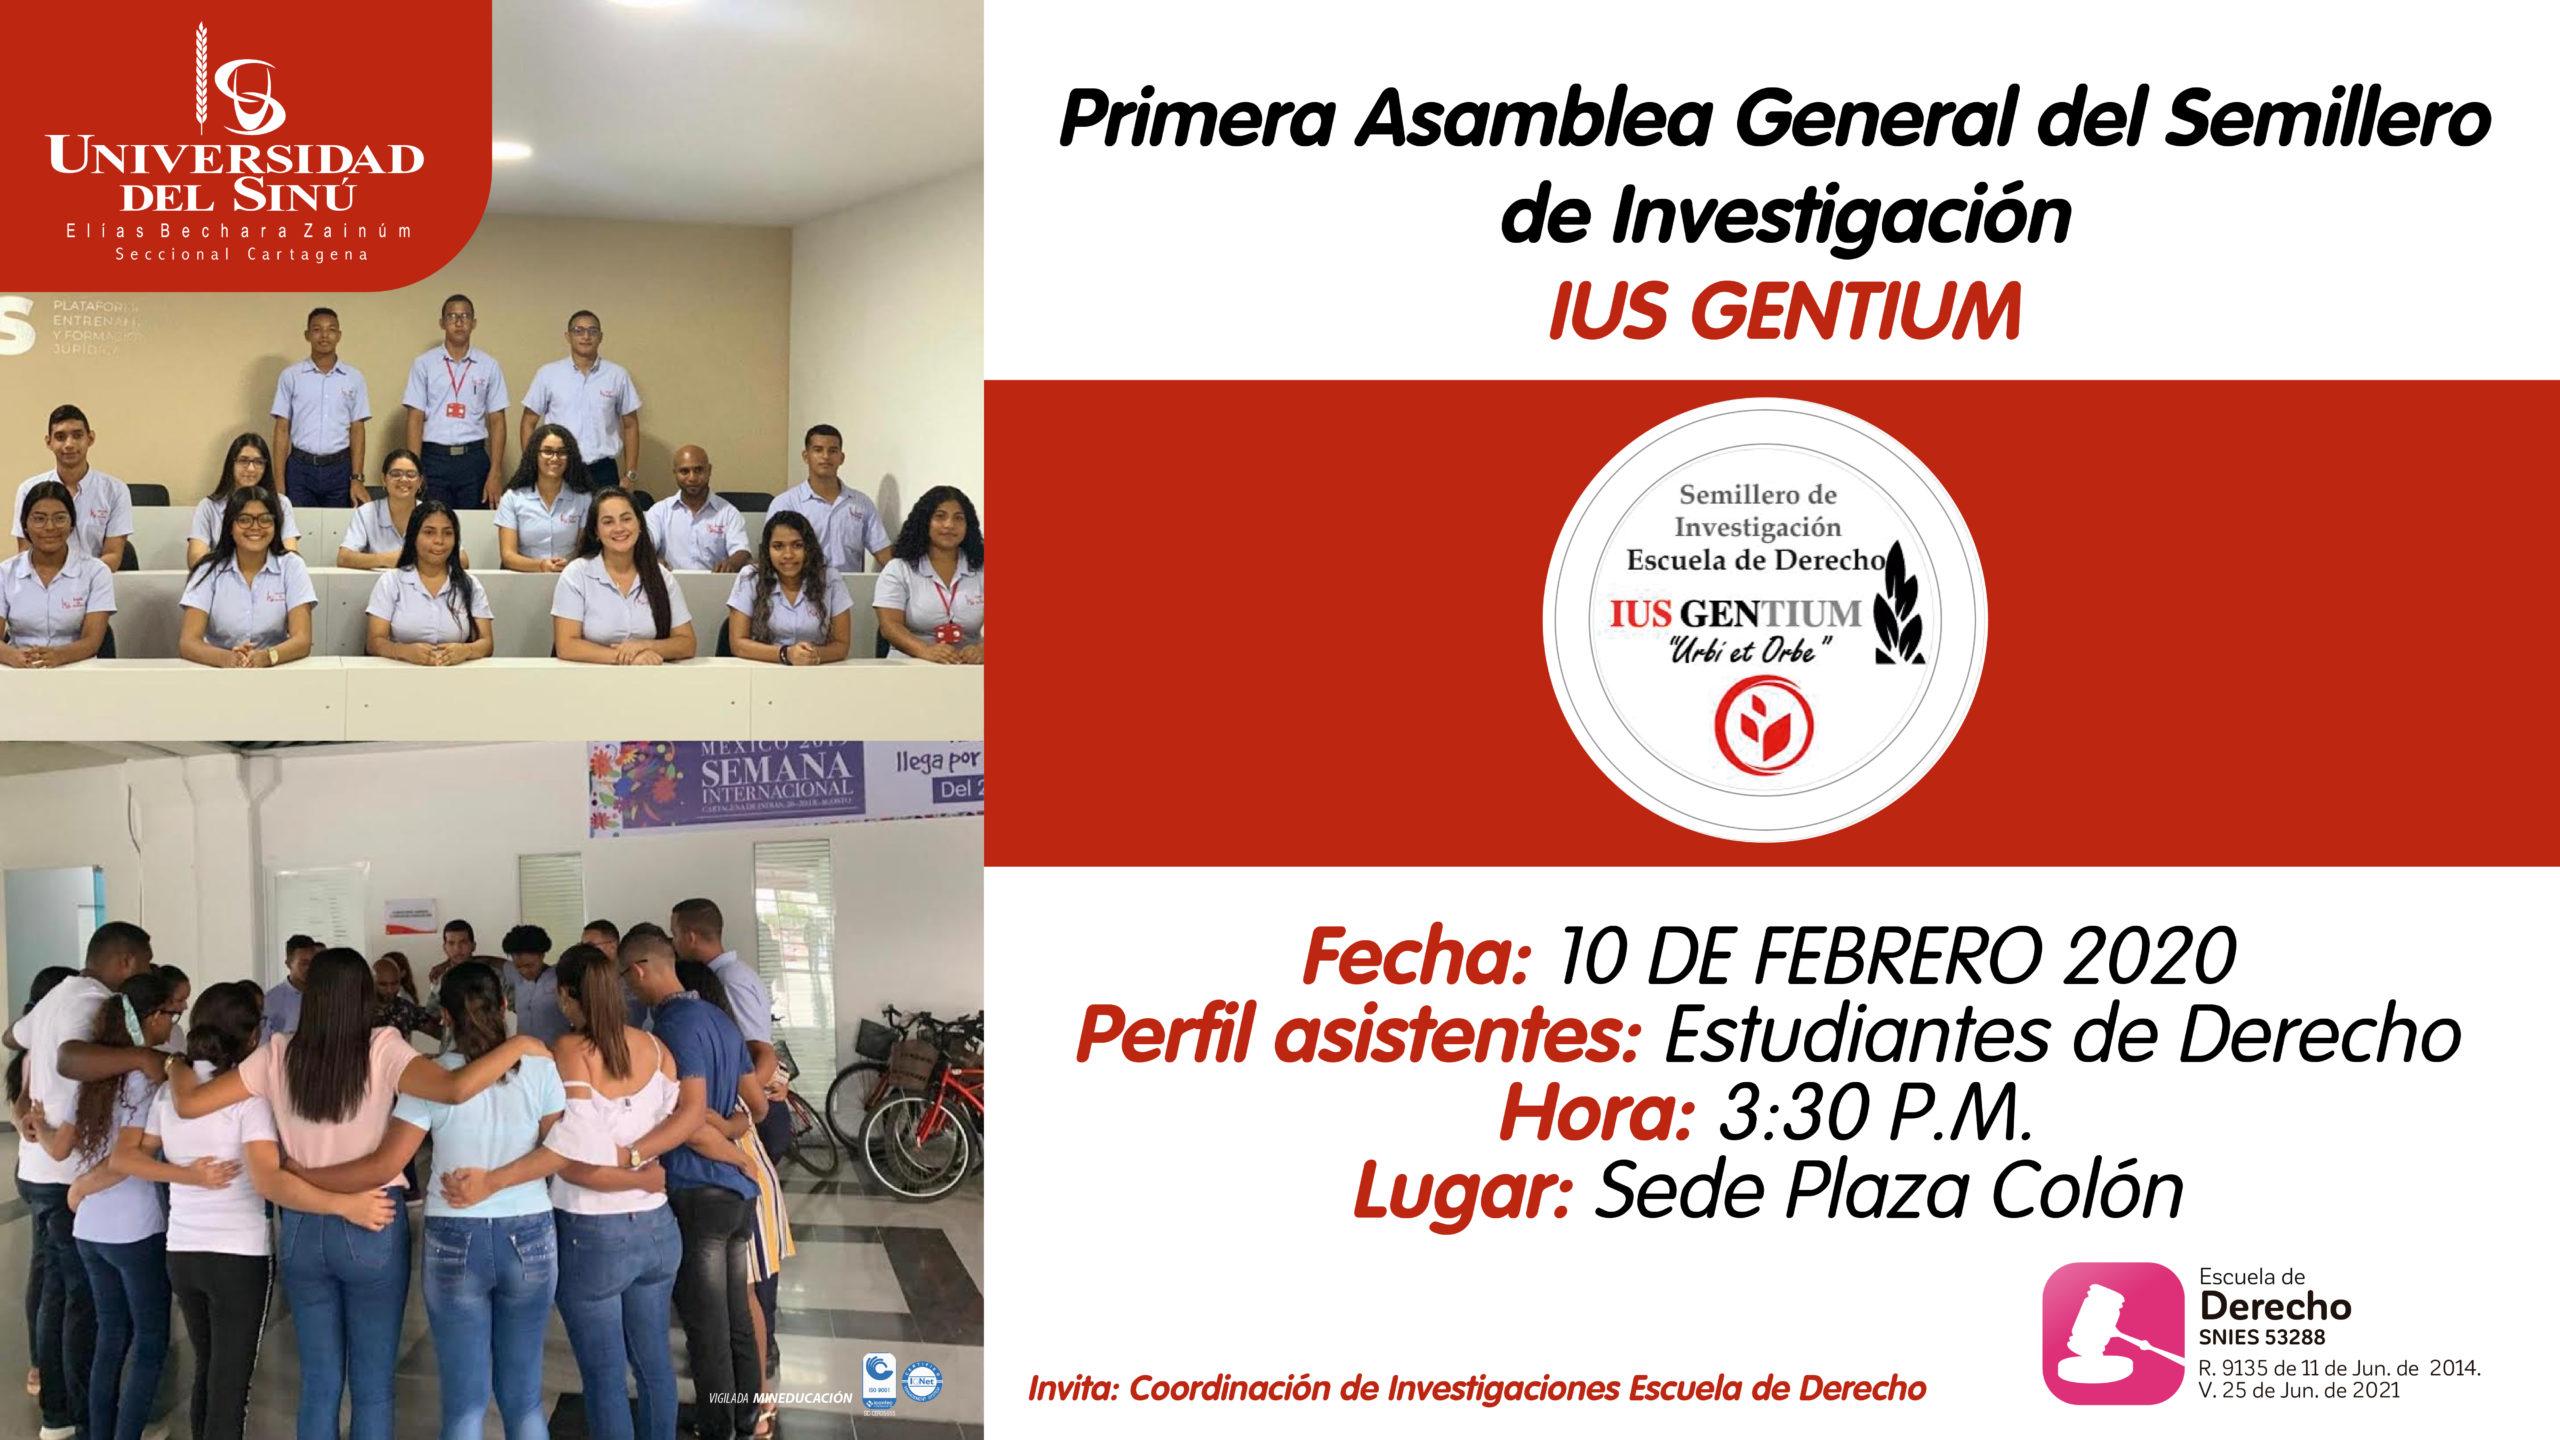 Primera Asamblea General del Semillero de Investigación IUS GENTIUM_Mesa de trabajo 1